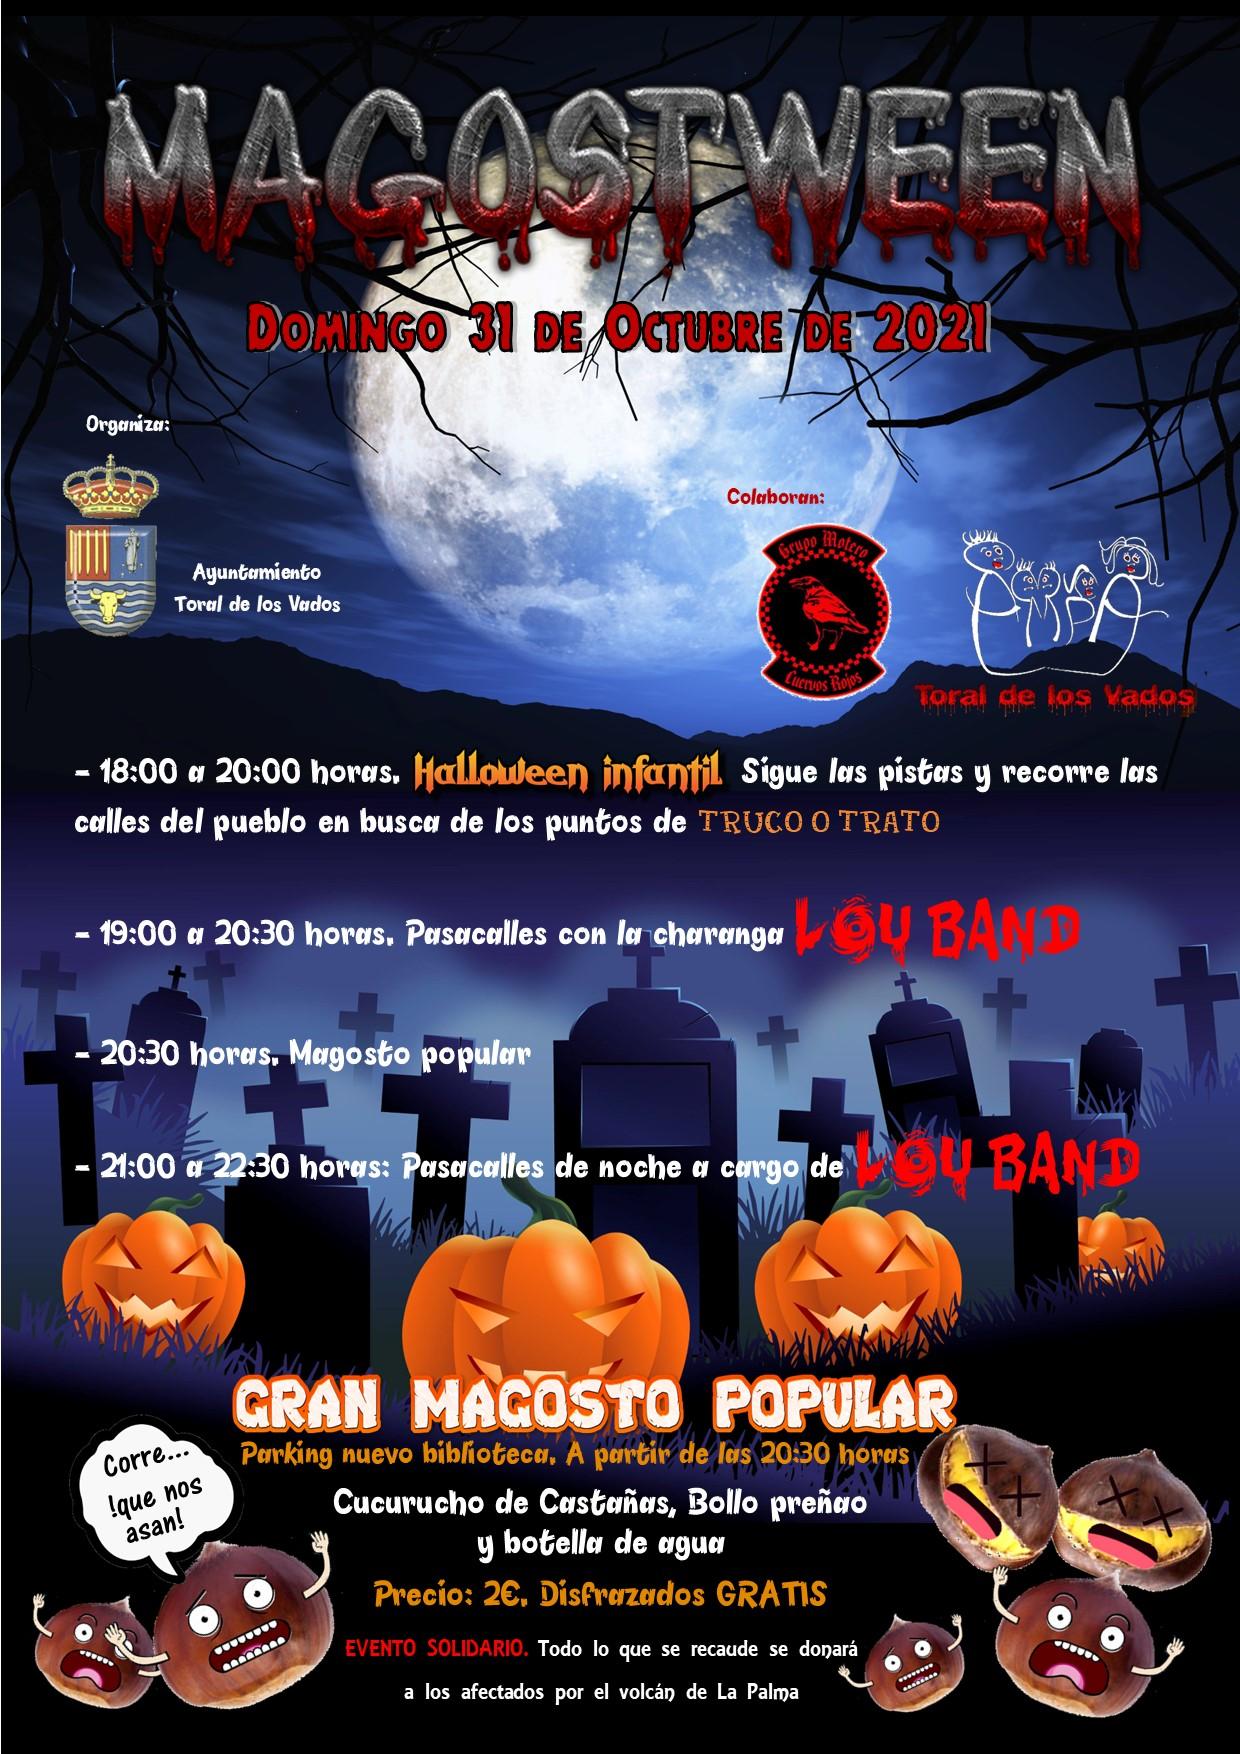 Halloween en el Bierzo: Ideas para disfrutar de la fiesta más terrorífica en el 2021 4